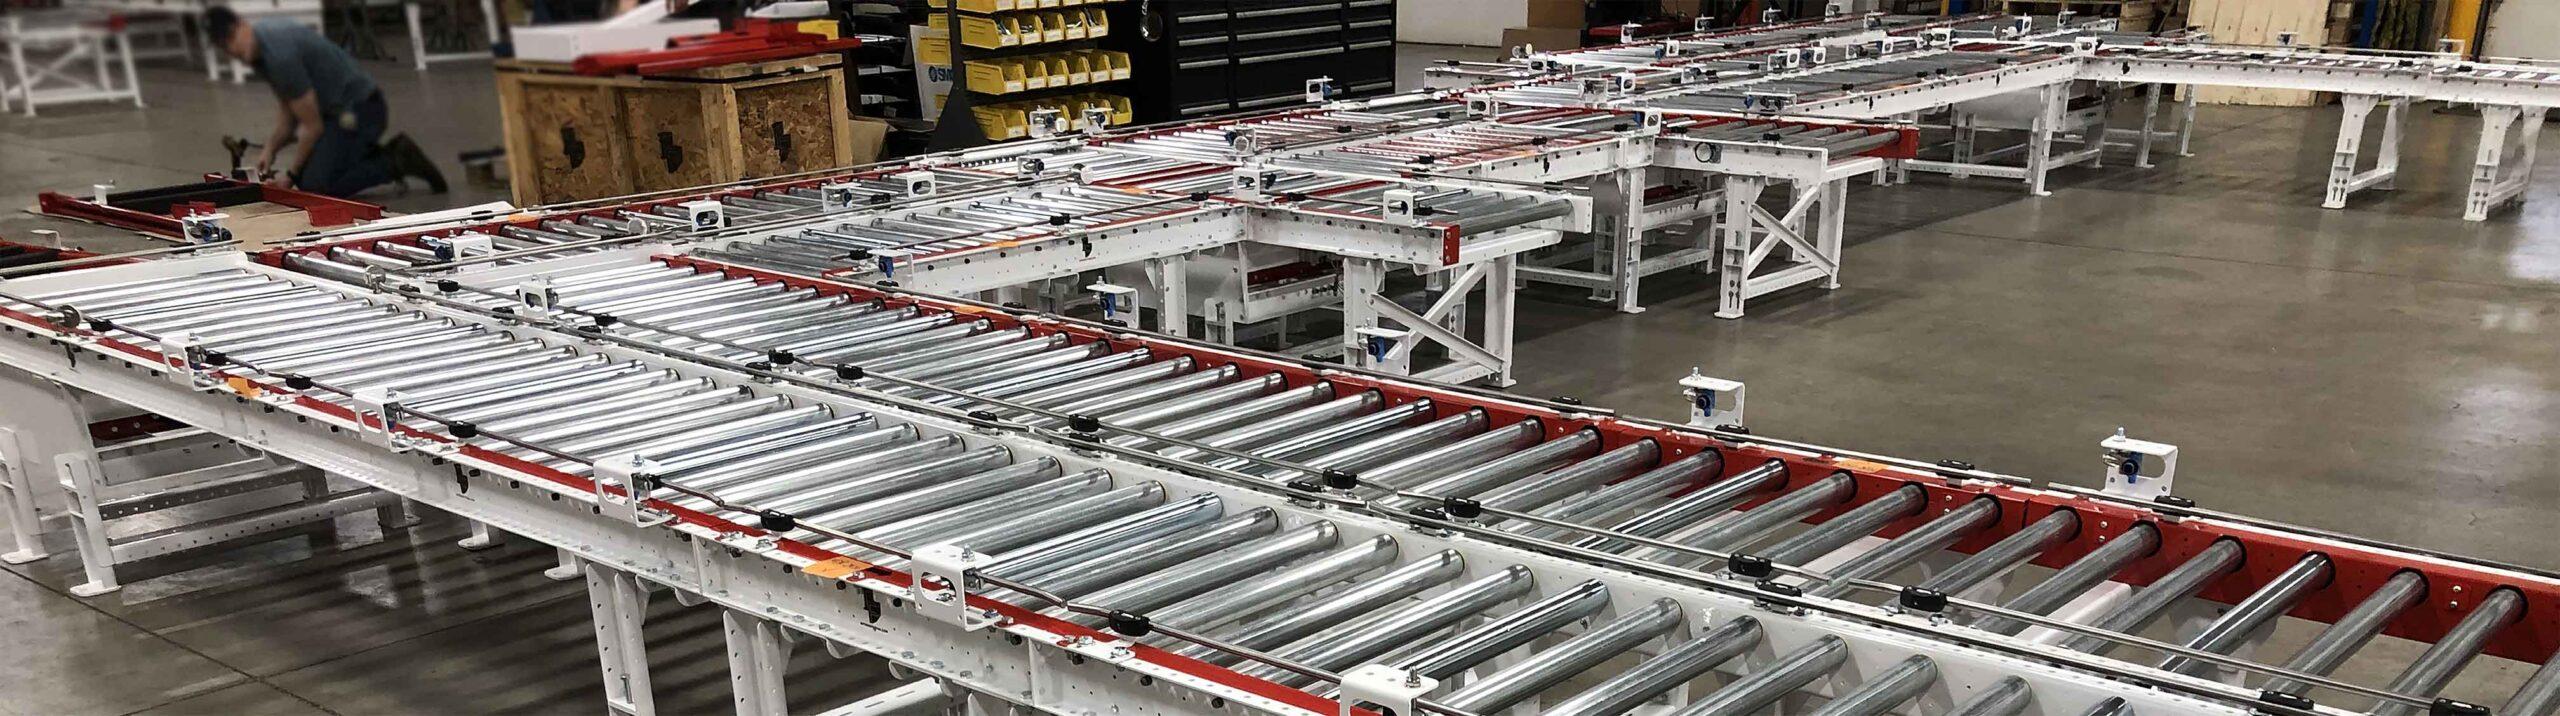 CDLR roller conveyor